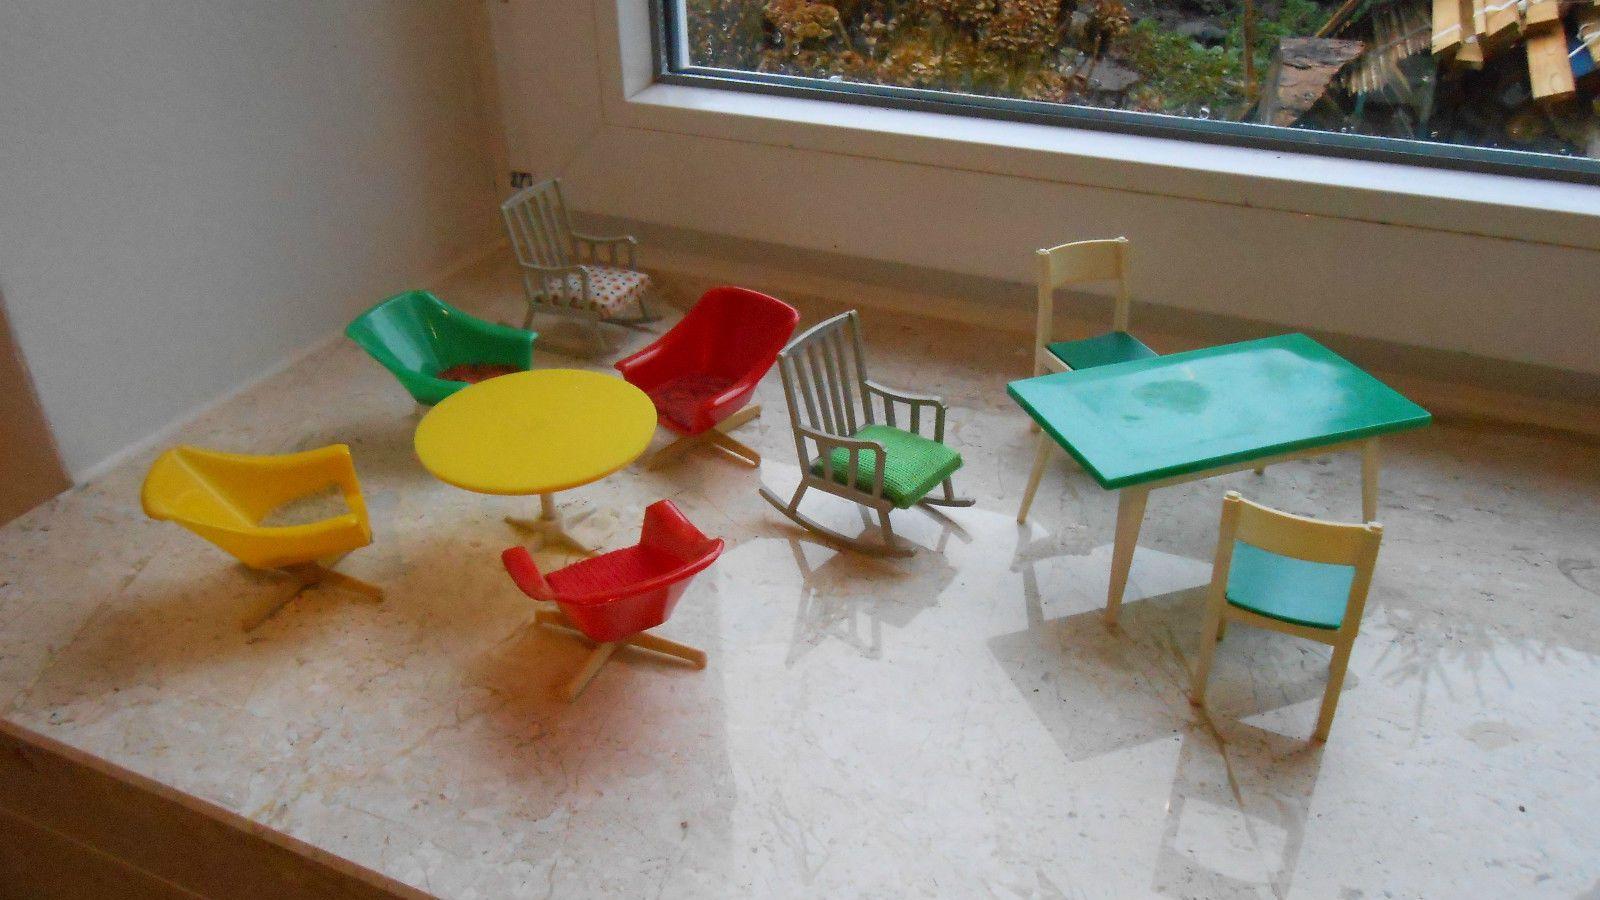 Ddr Küchenmöbel ~ Alte kultige er jahre ddr plastik möbel für die puppenstube de